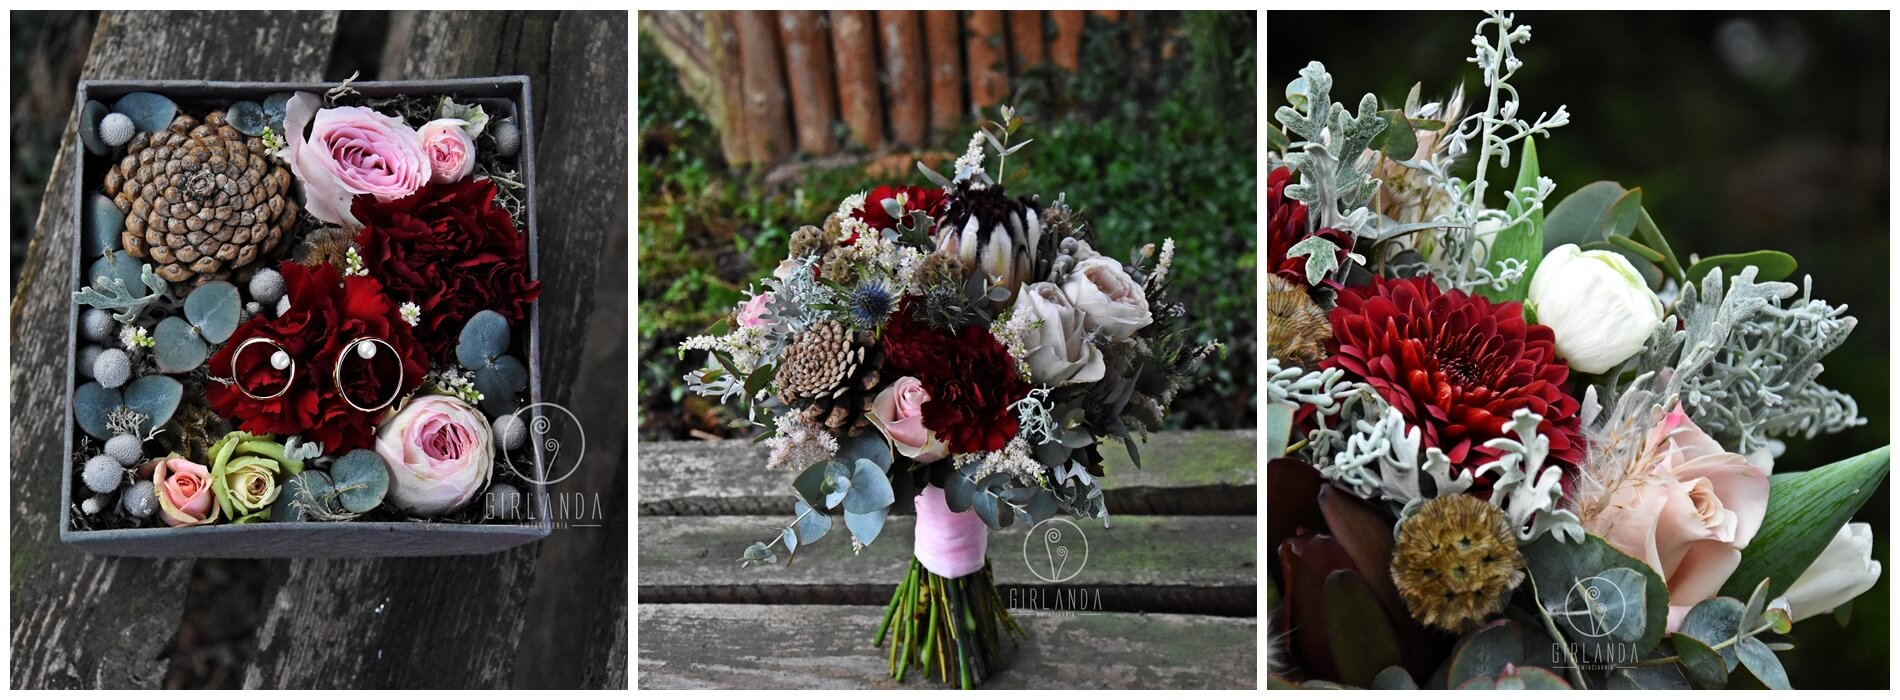 Kwiaty z kwiaciarni internetowej Białystok